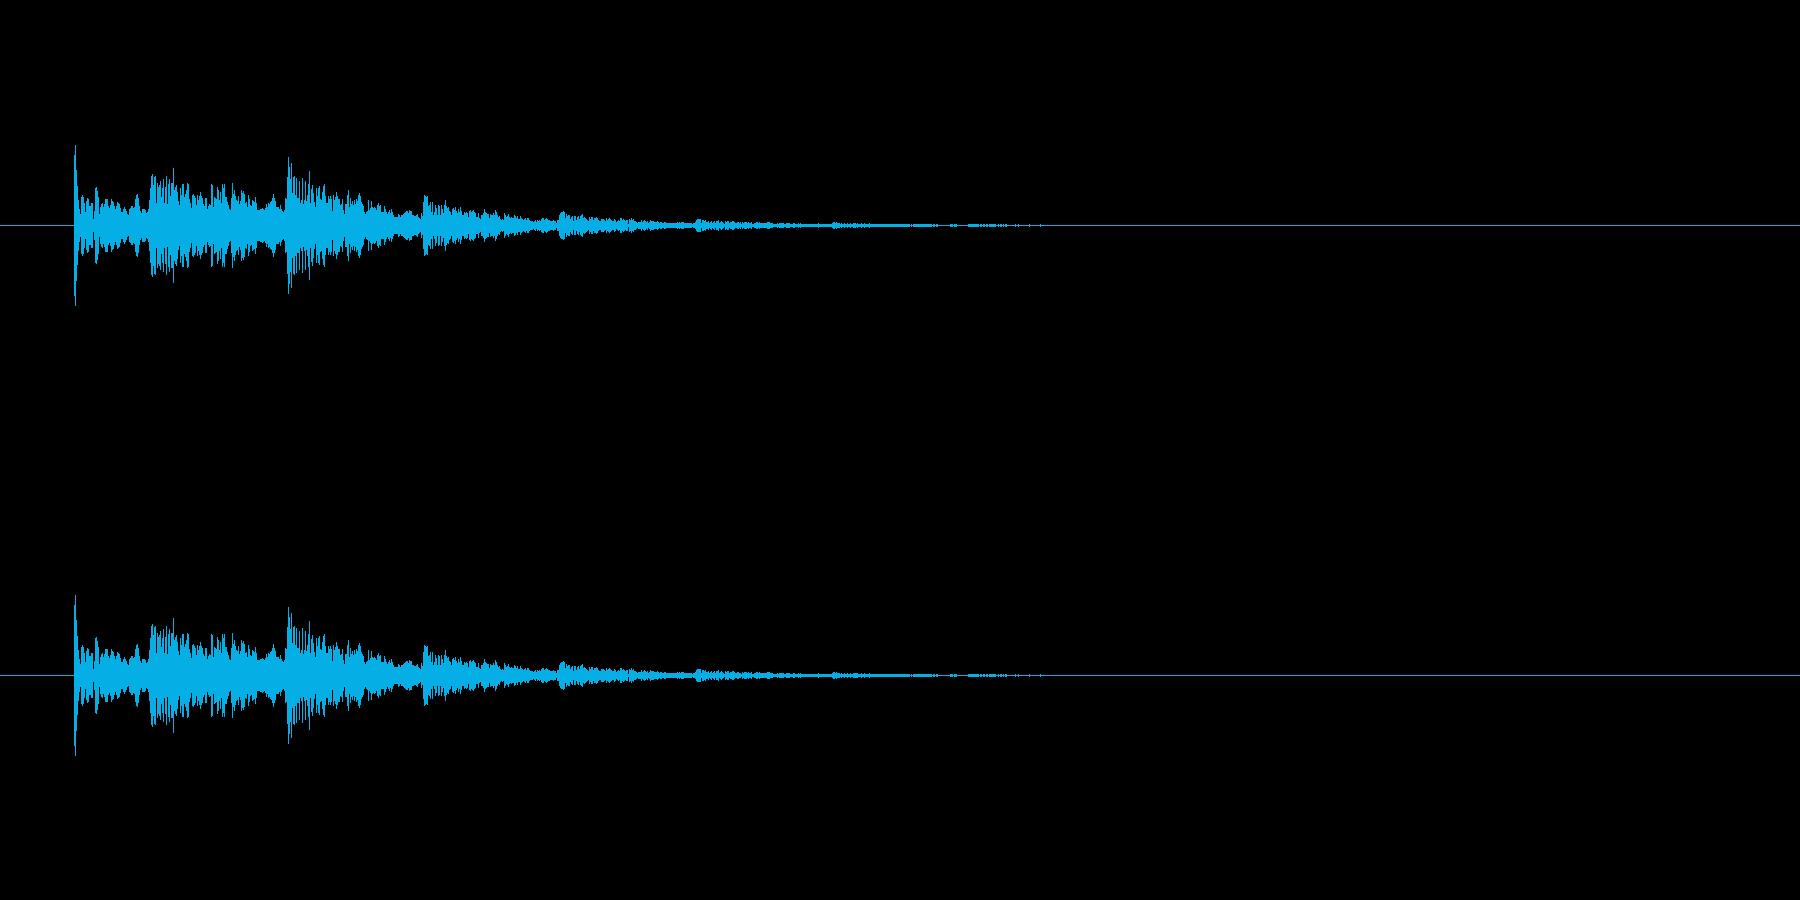 【アクセント33-4】の再生済みの波形